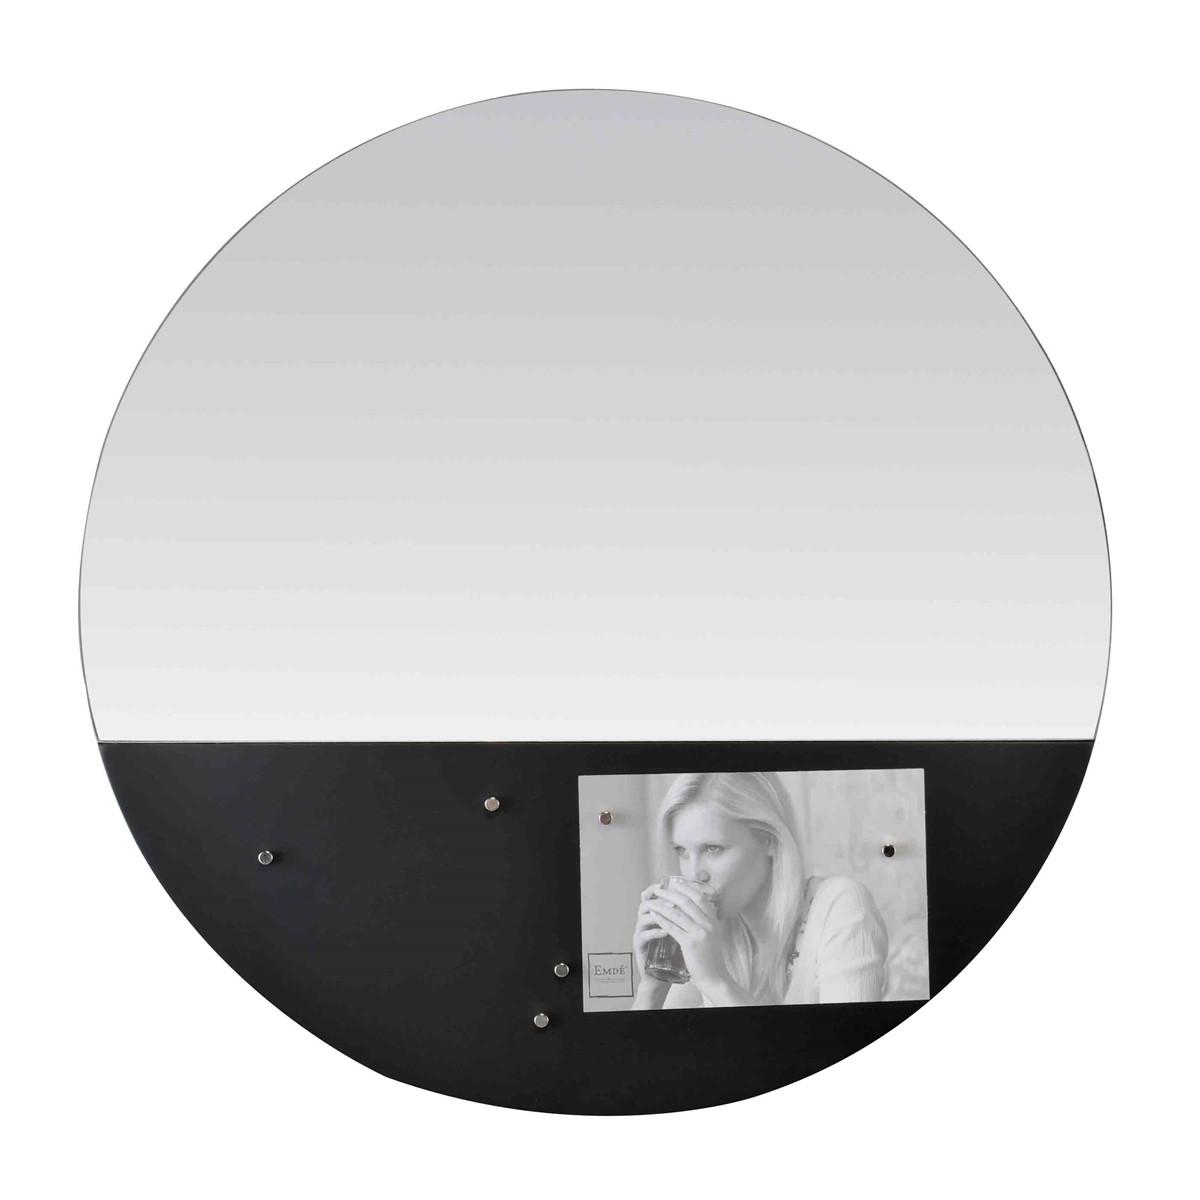 Miroir rond memo board magnétique en verre noir D45